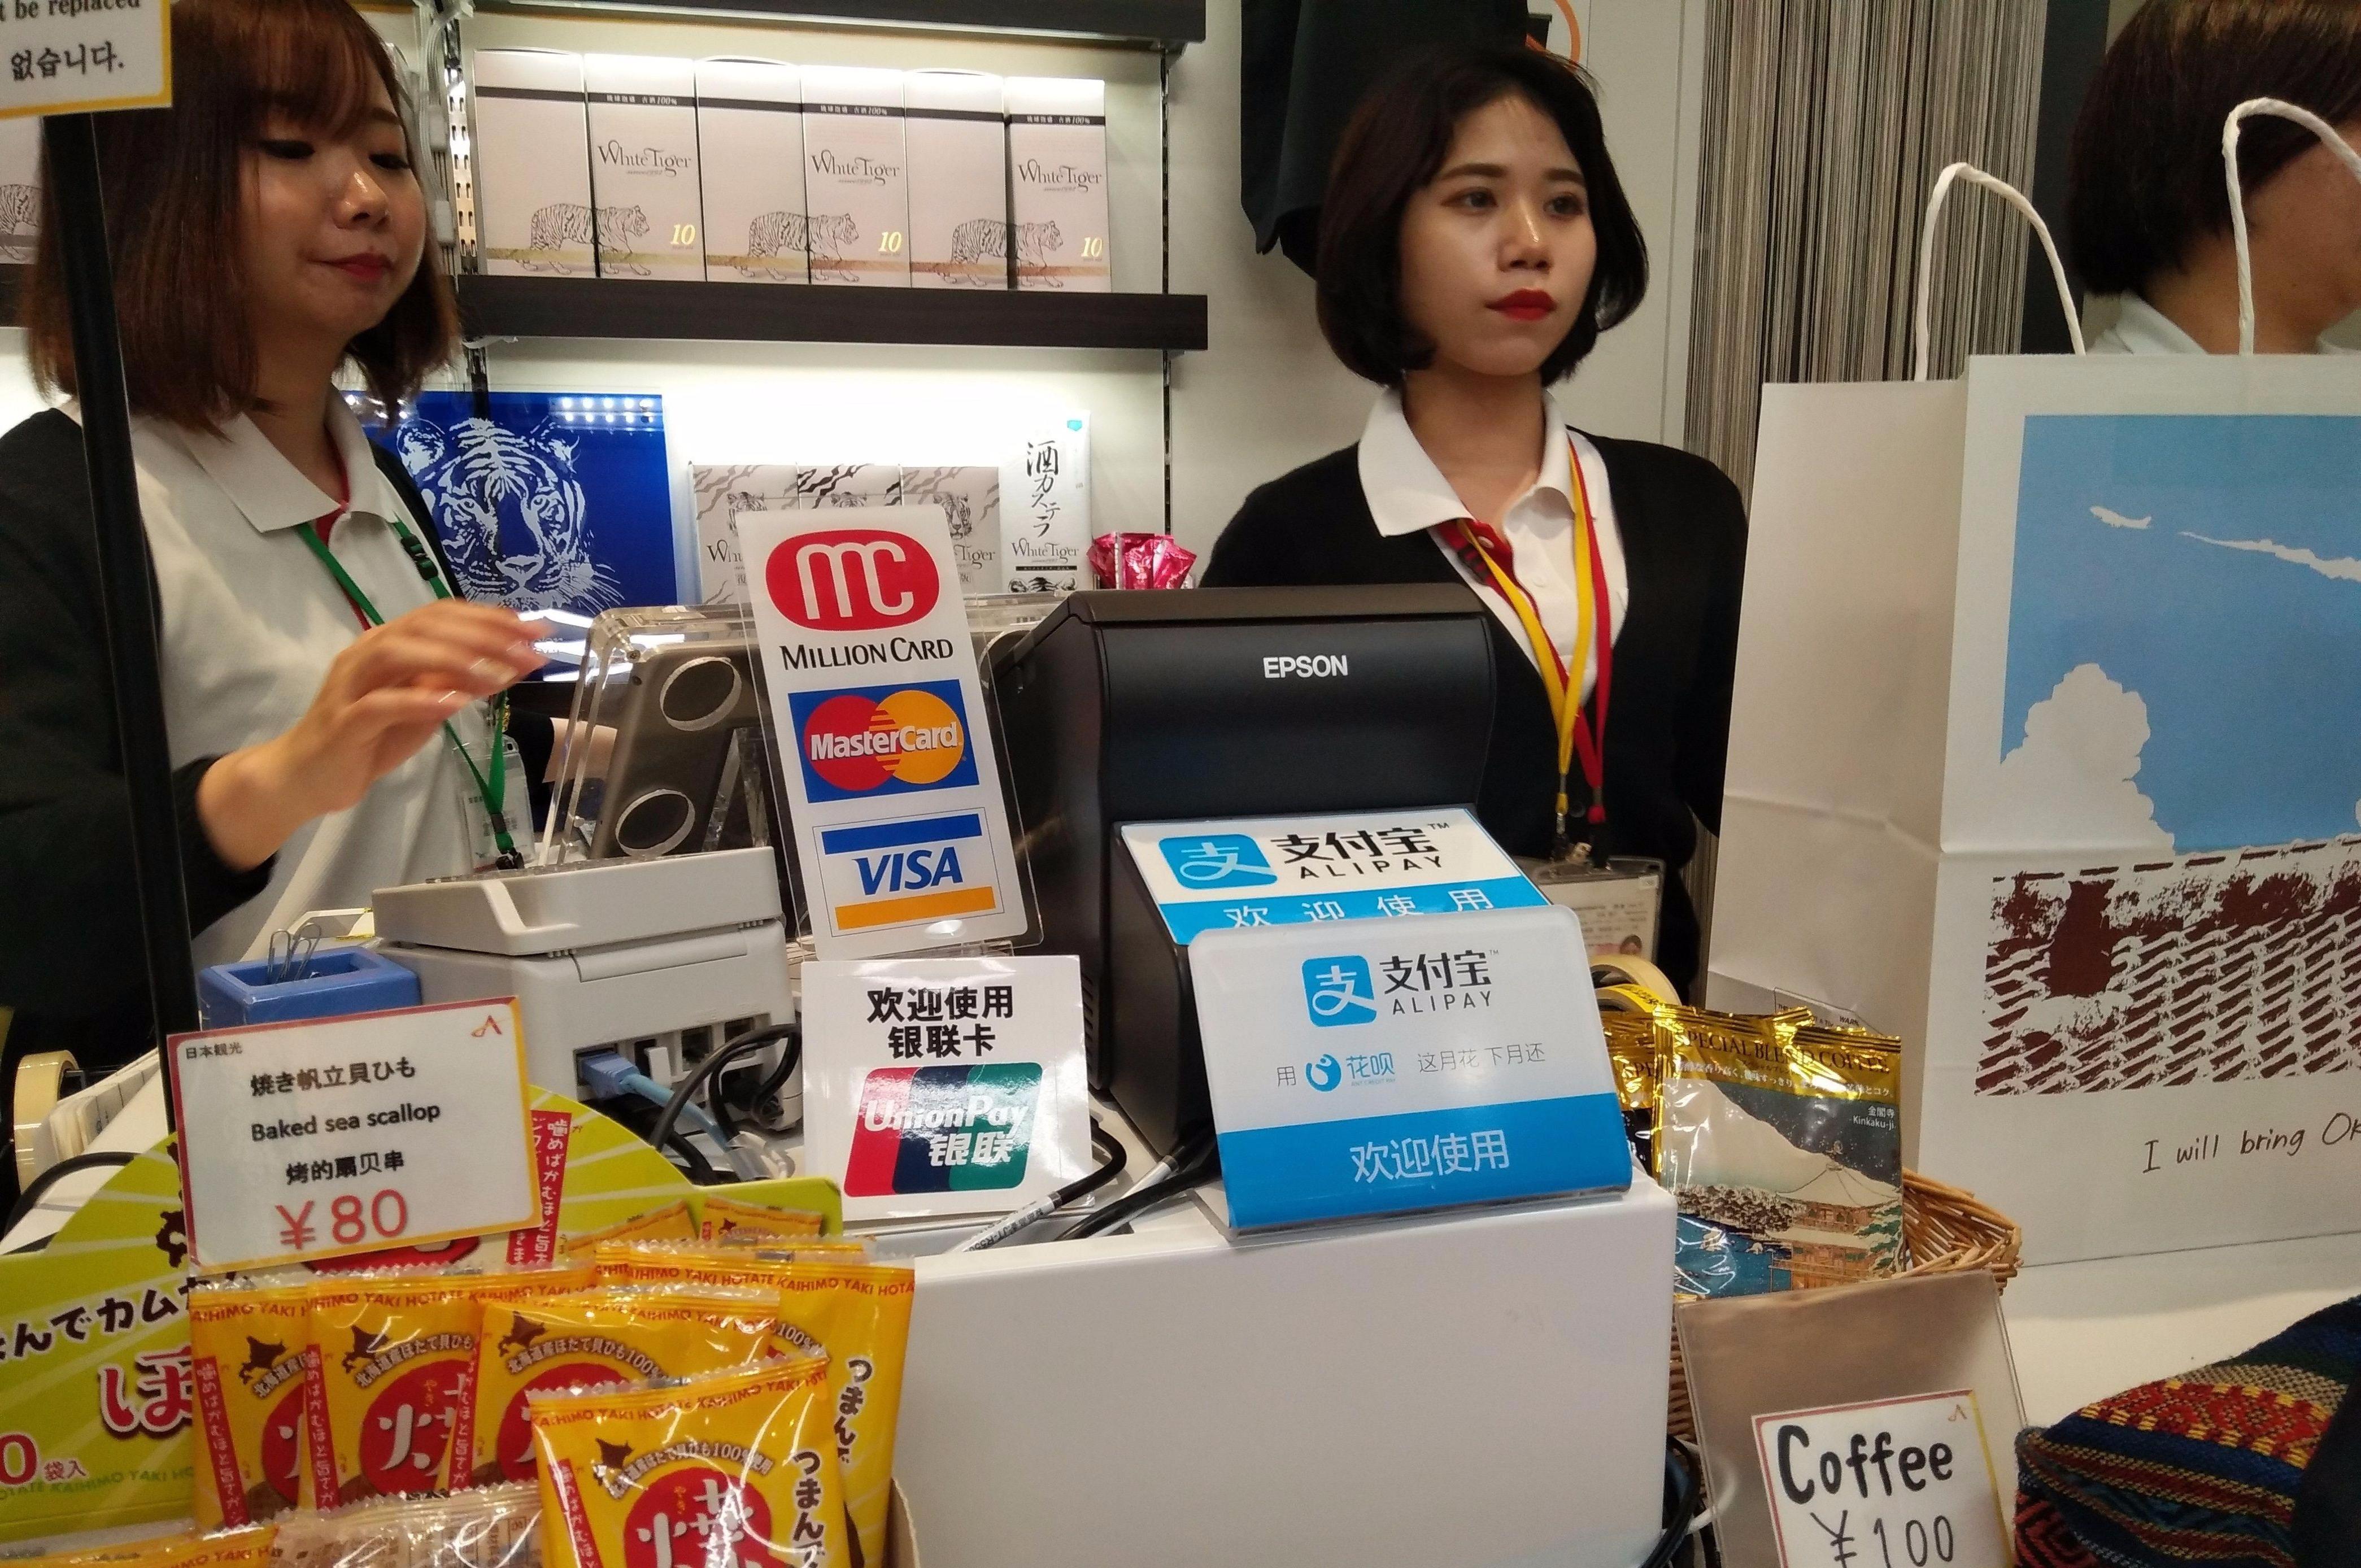 执着使用现金的日本,为何掀起移动支付的热潮?答案与中国人有关